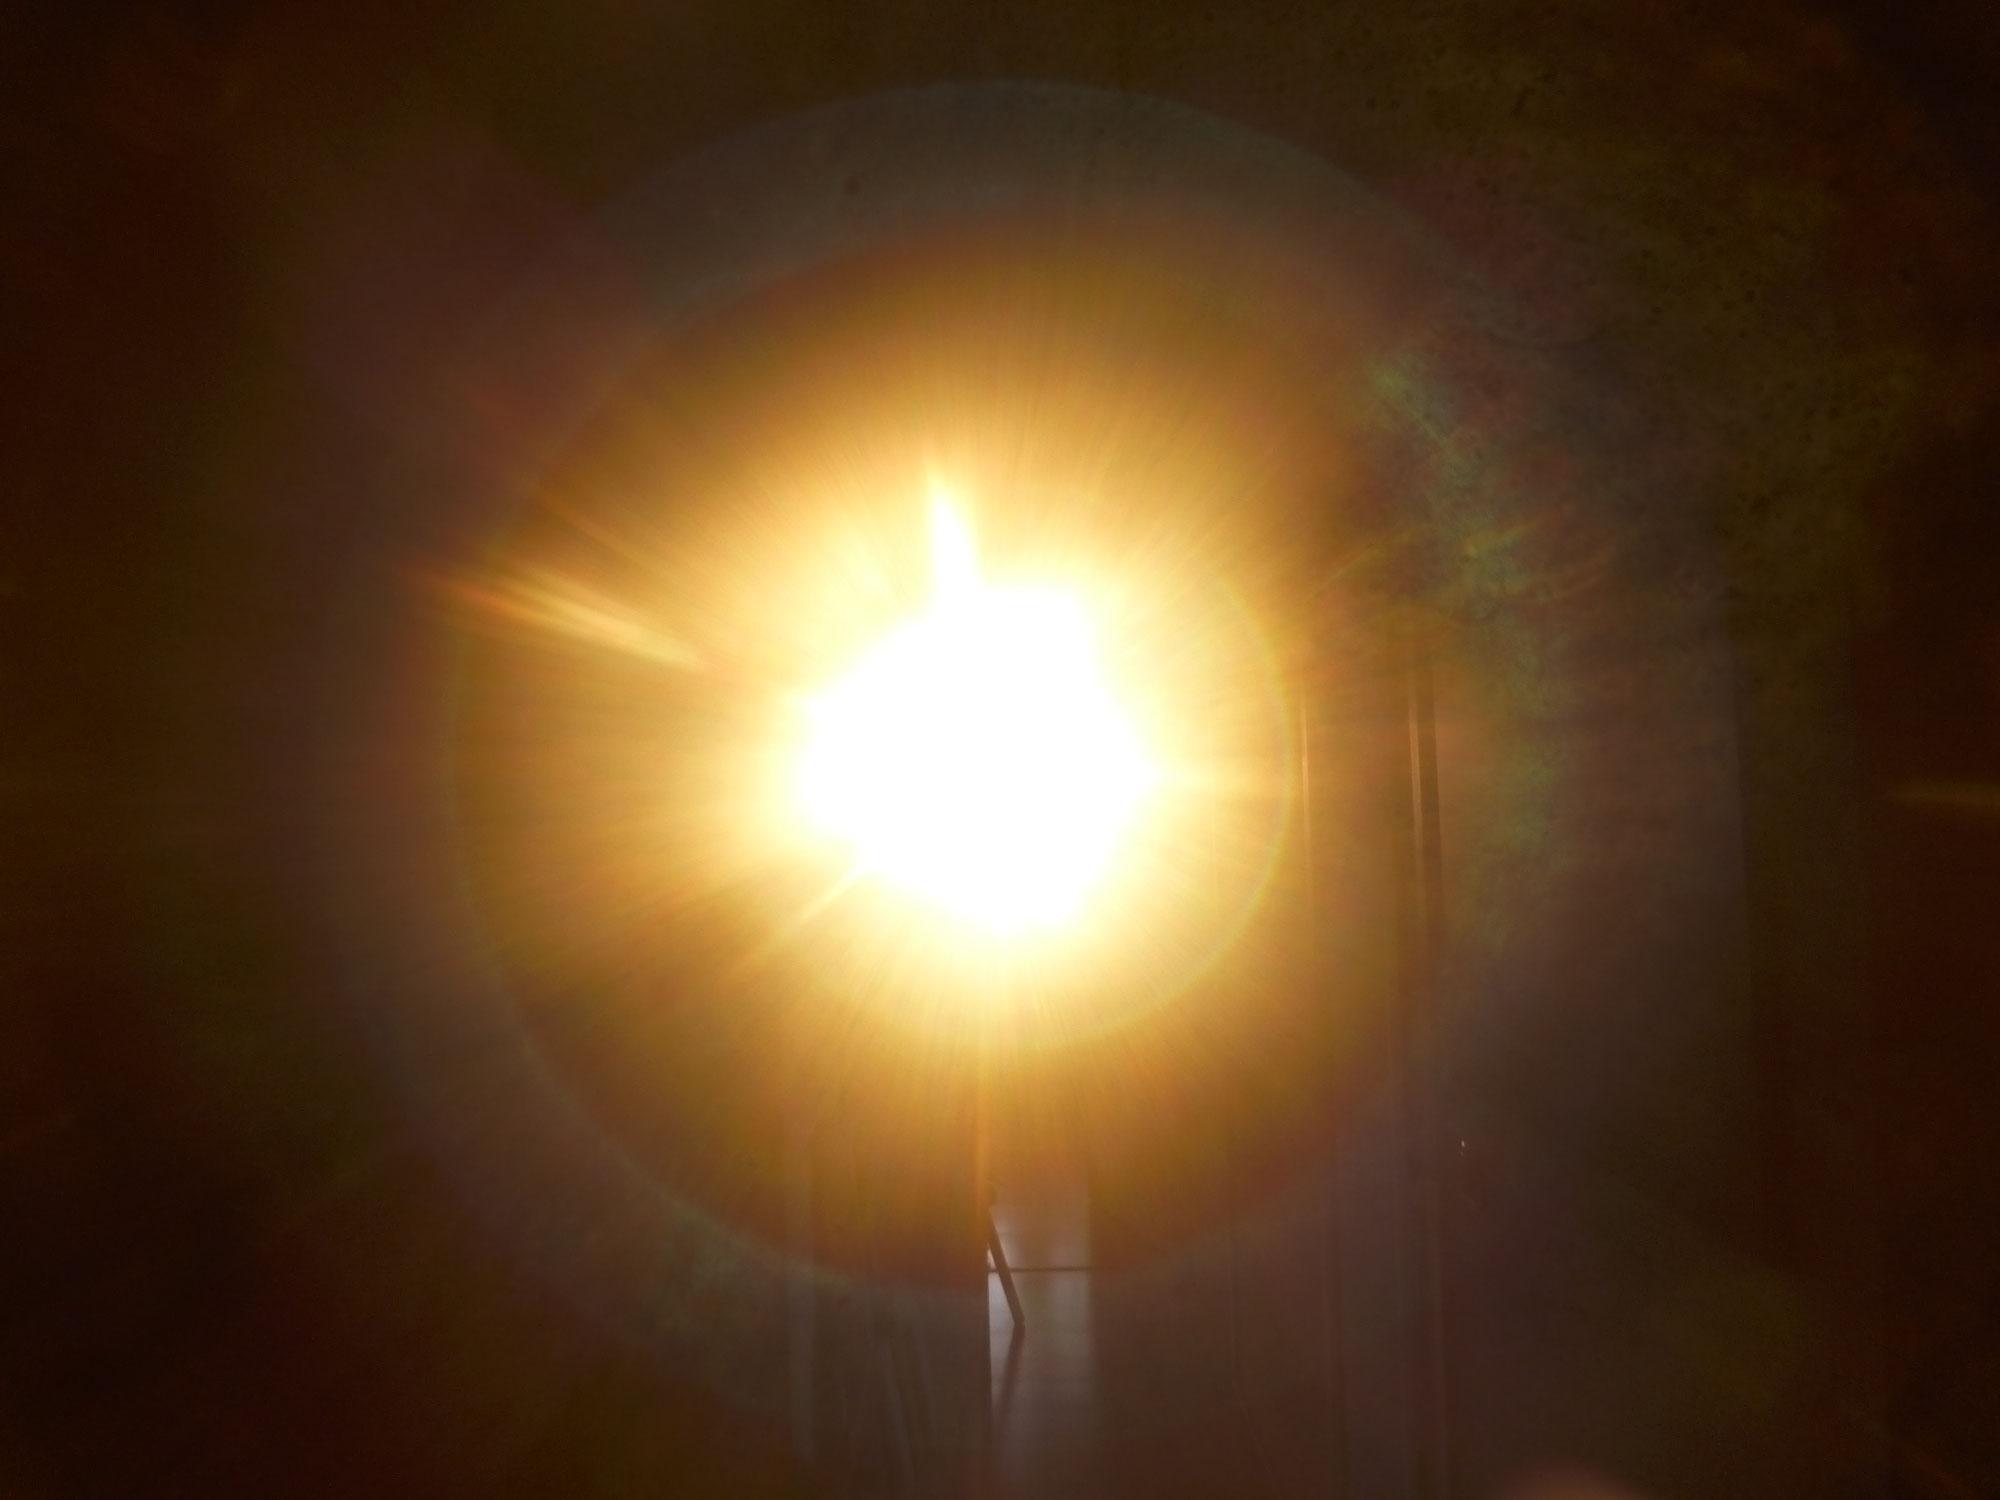 LICHTWESENFOTOGRAFIE: Portal zur Verankerung des CHRISTUSLICHTS